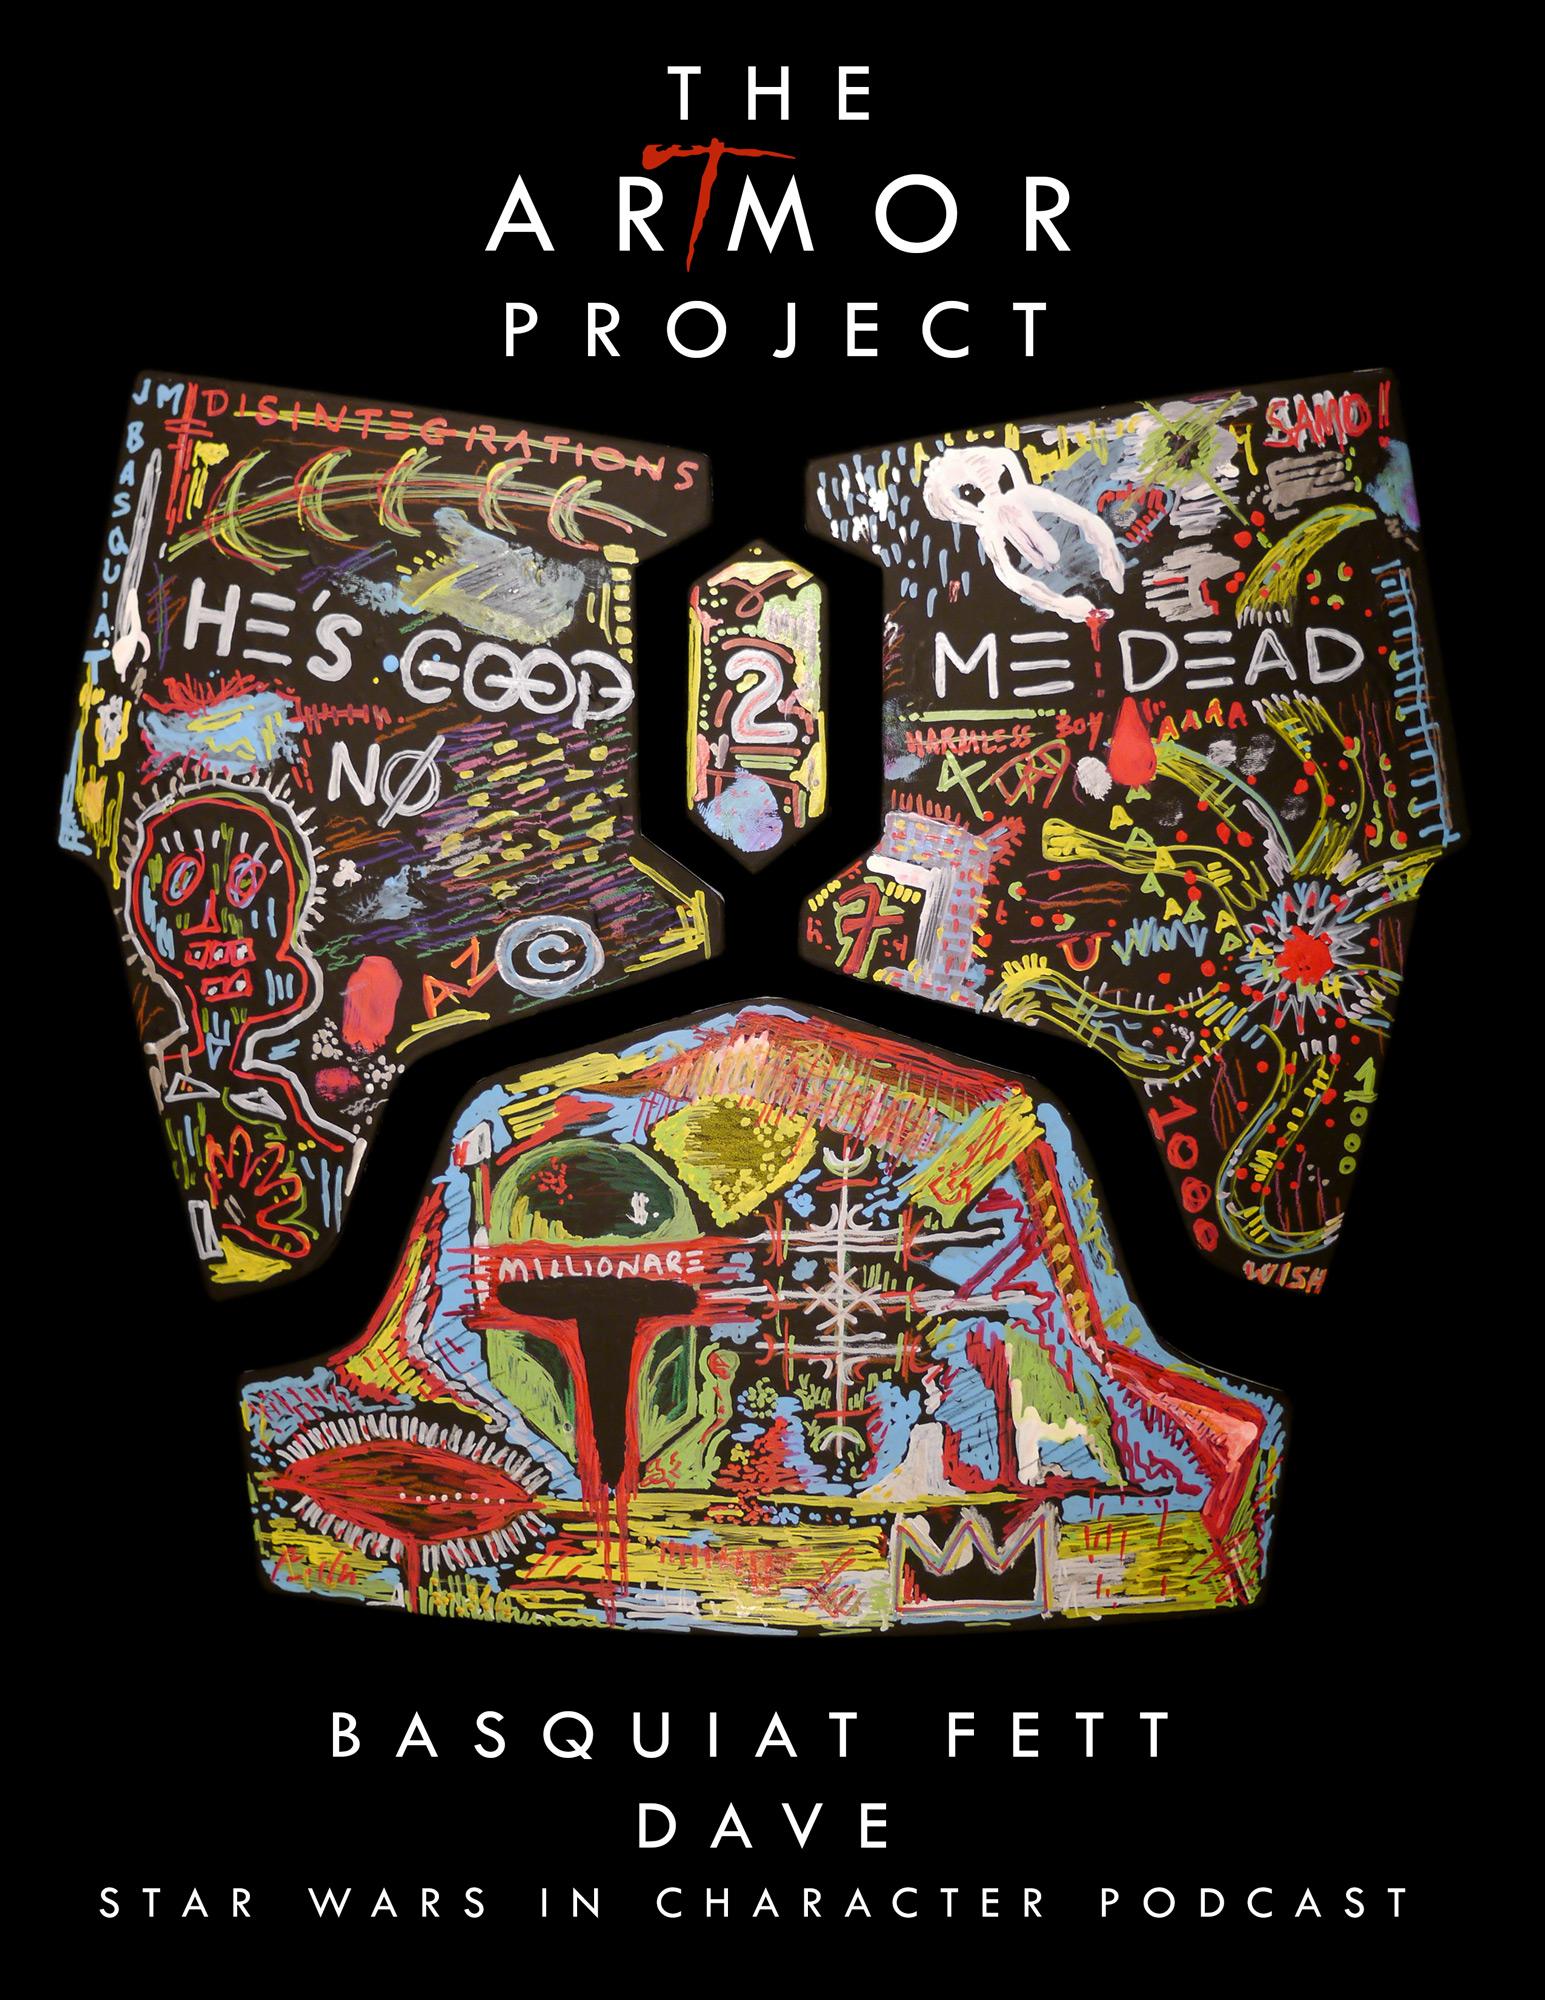 ArTmor 2015: Basquiat Fett